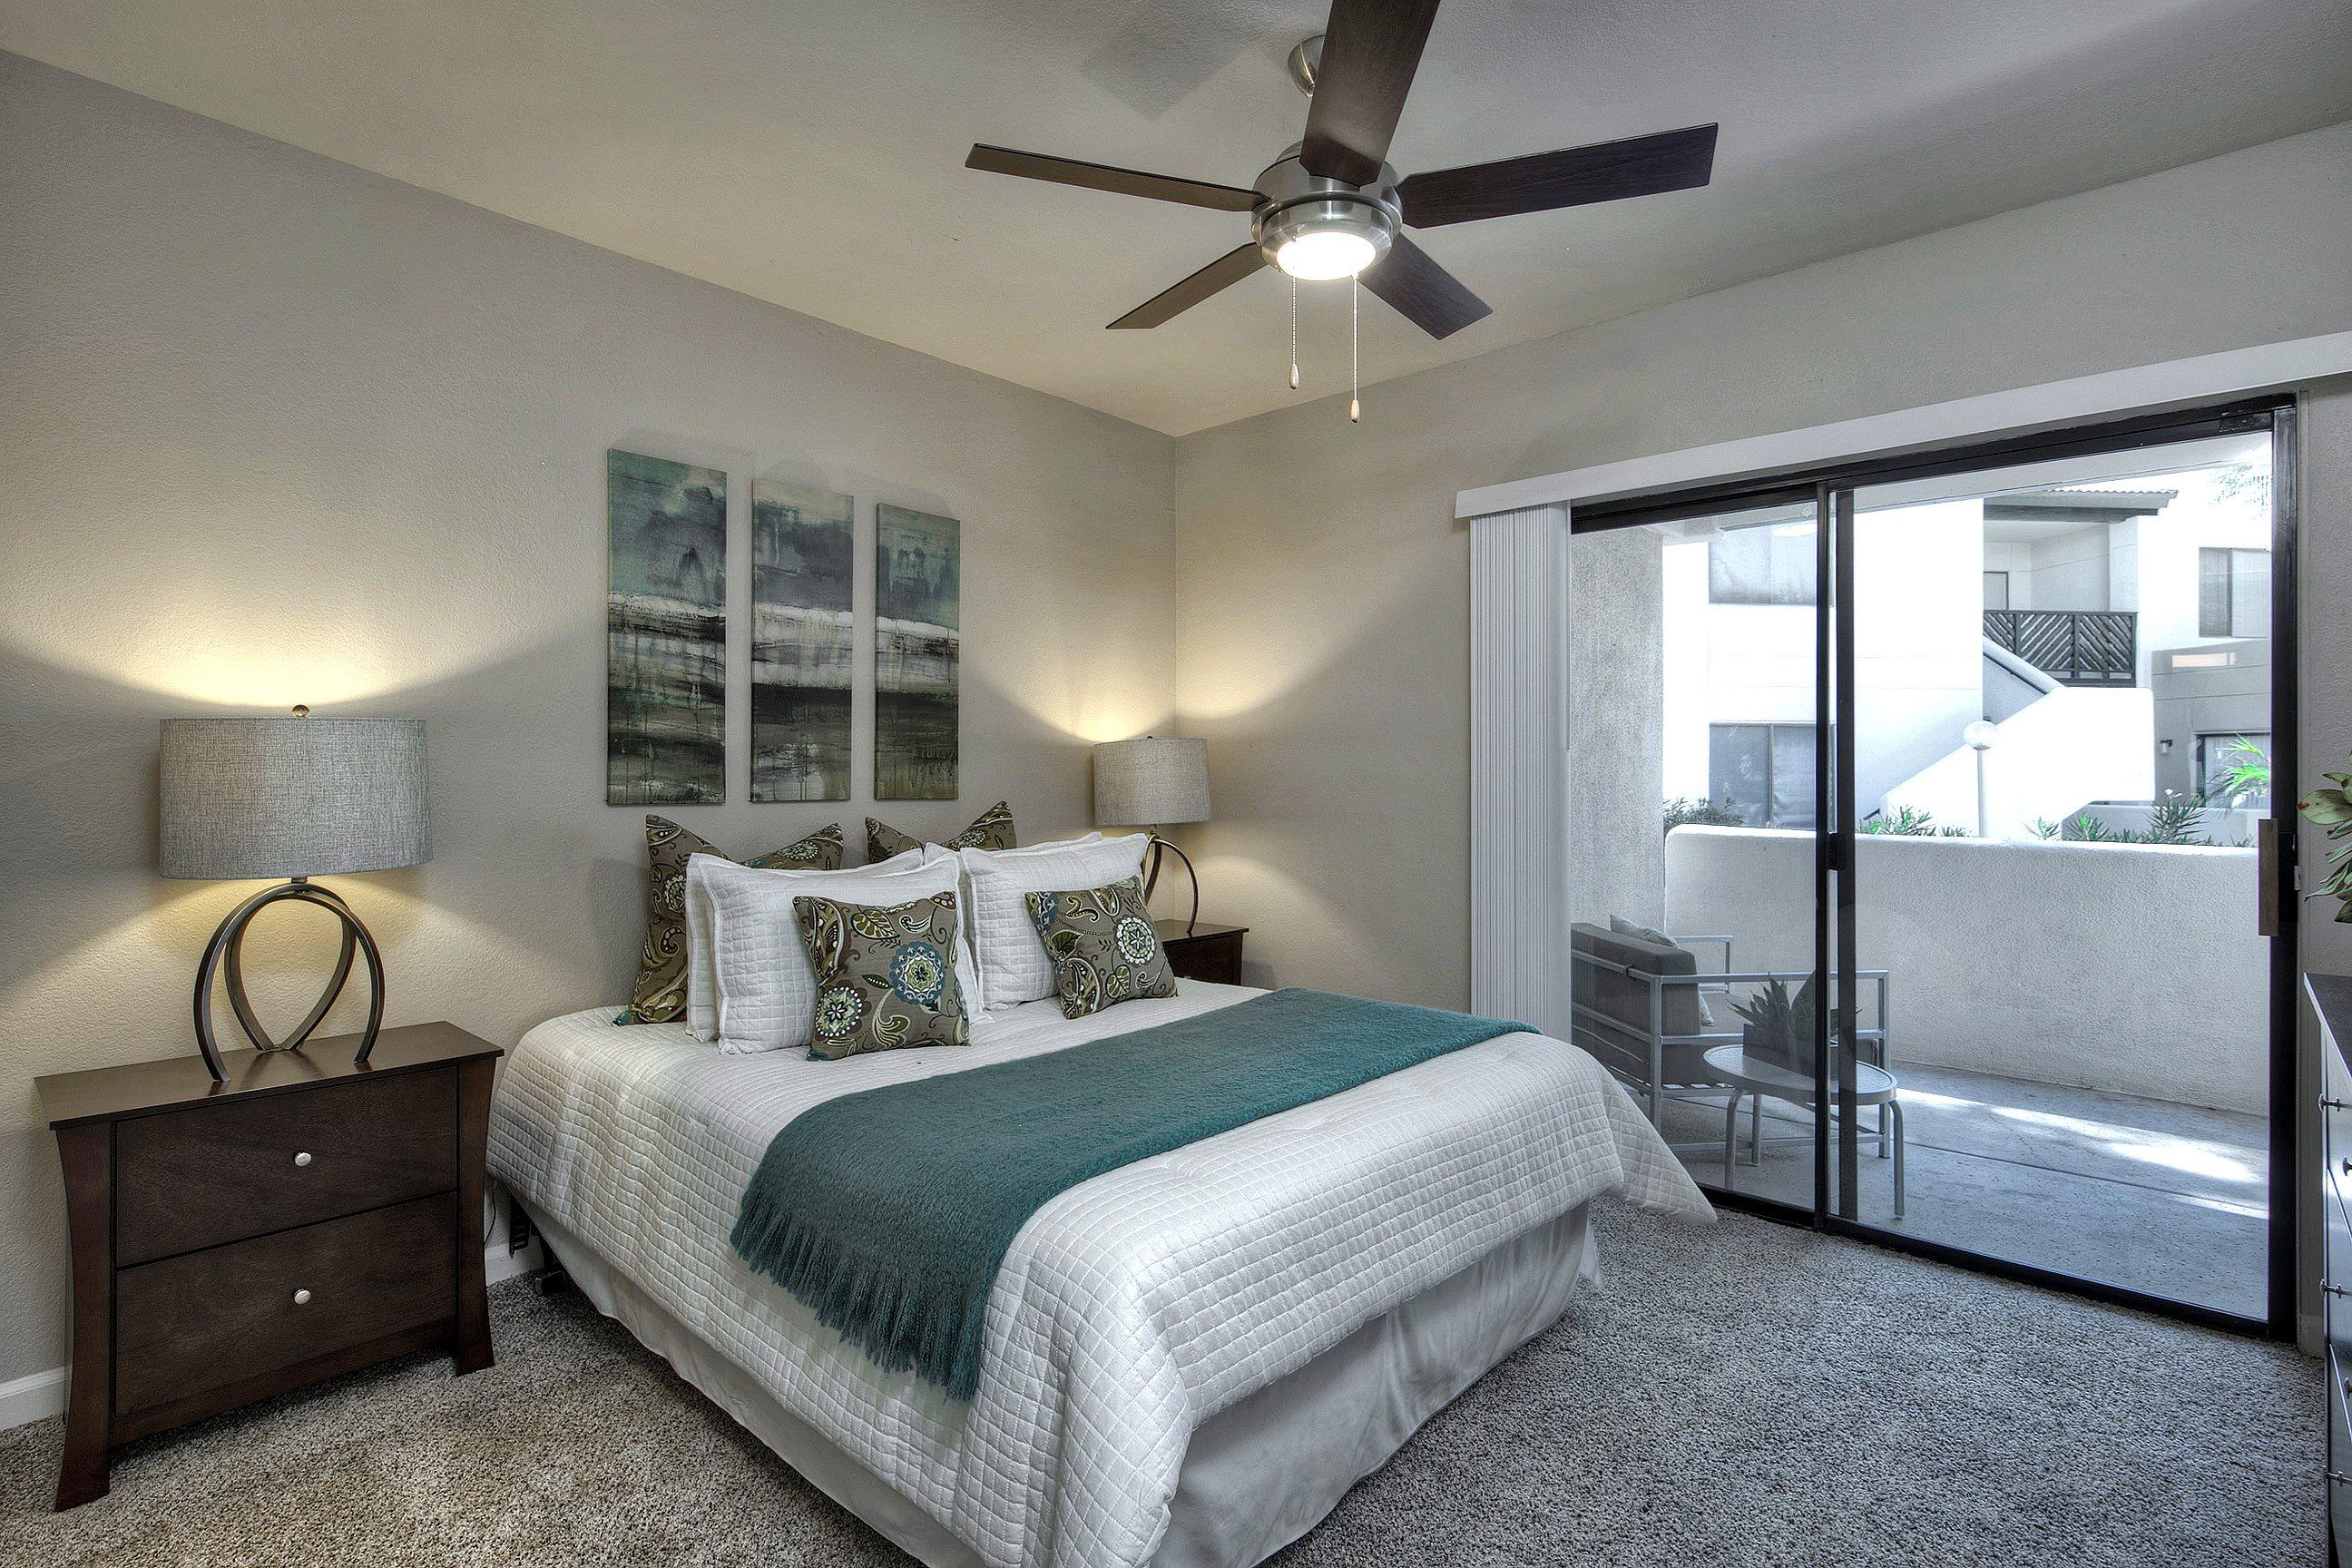 Photos Villa Blanco Apartments For Rent In Tempe Az